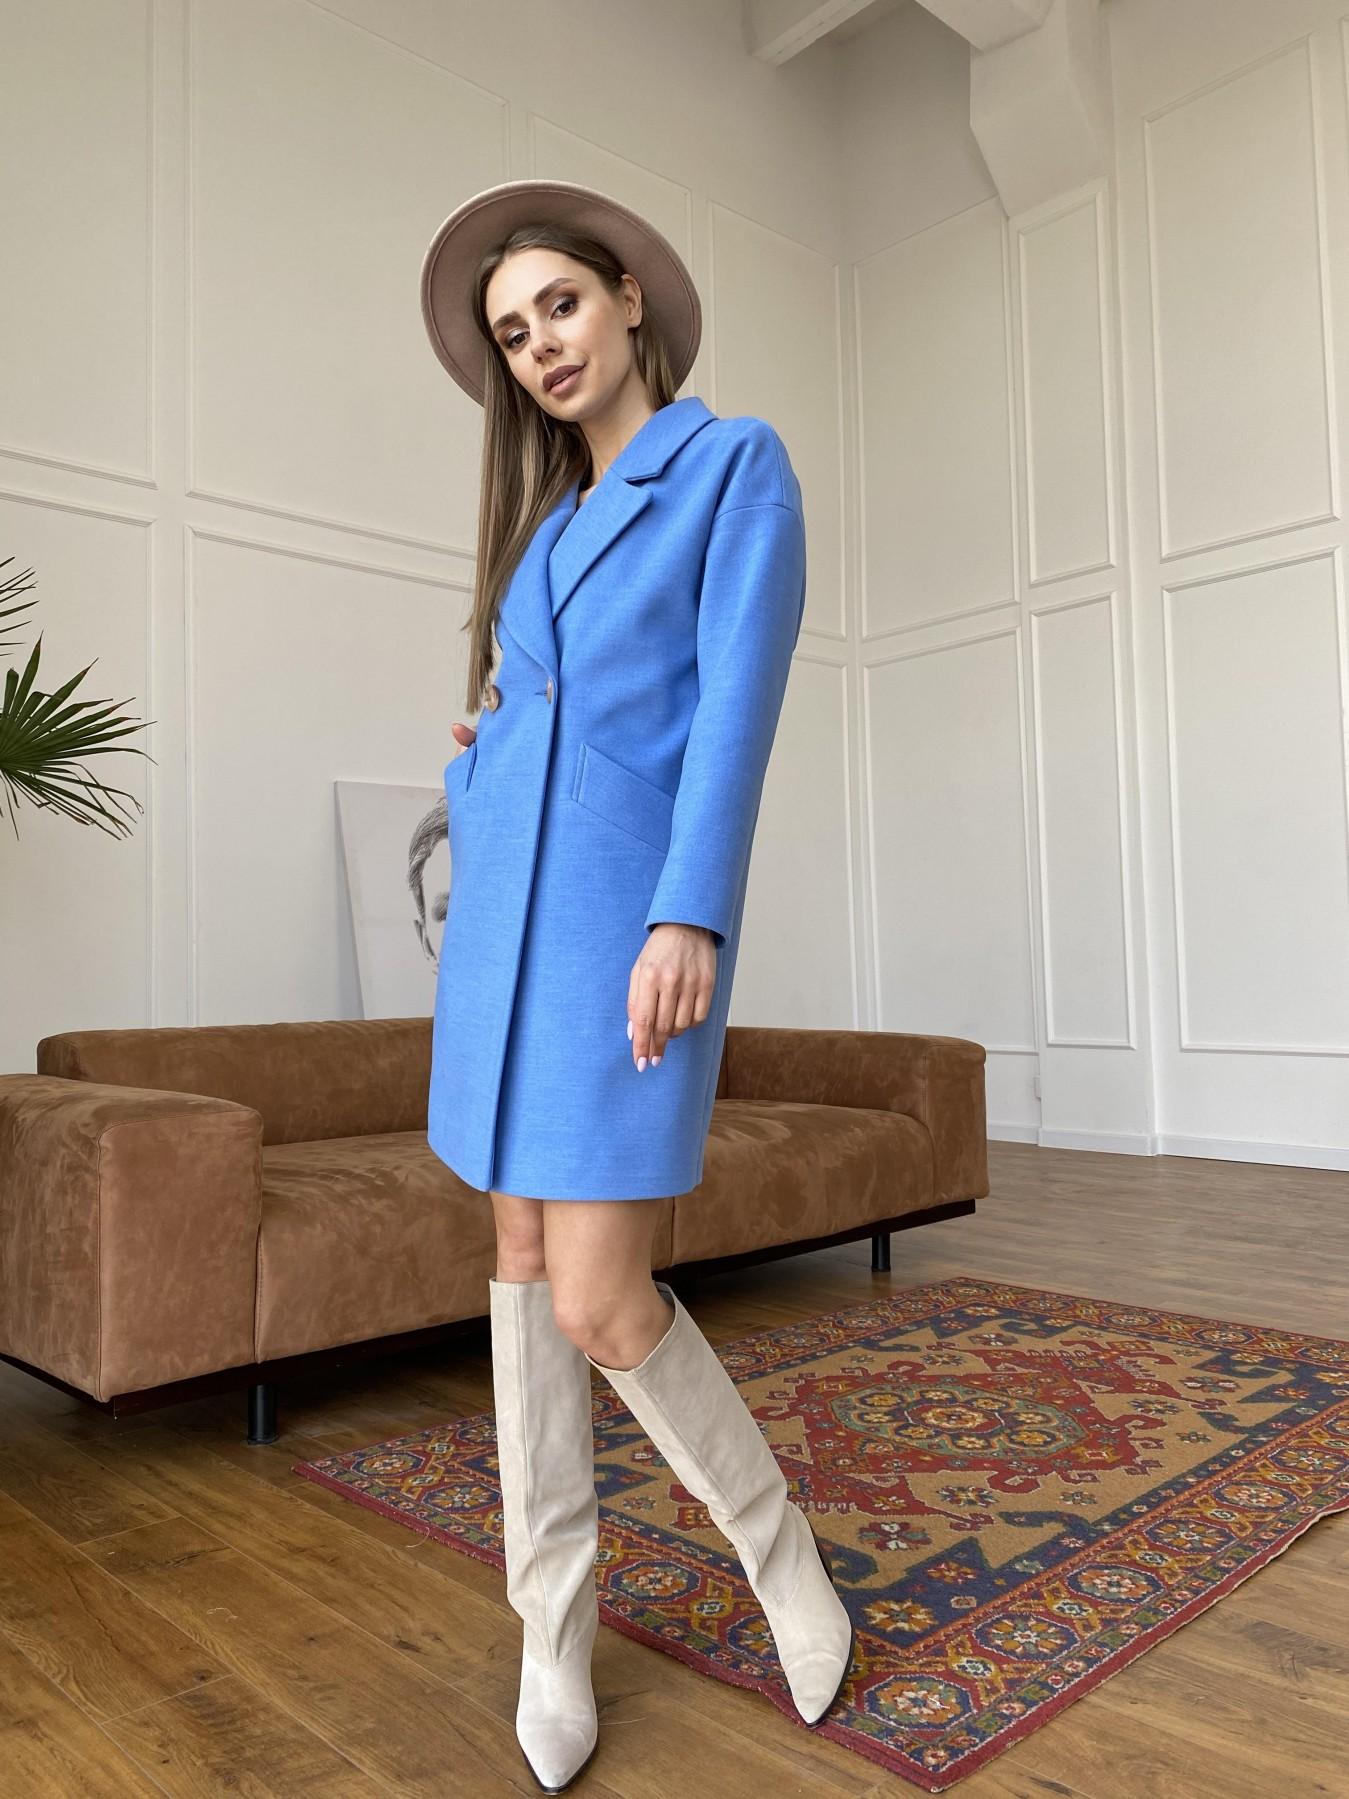 Сенсей пальто из кашемира 10572 АРТ. 47572 Цвет: Голубой - фото 2, интернет магазин tm-modus.ru